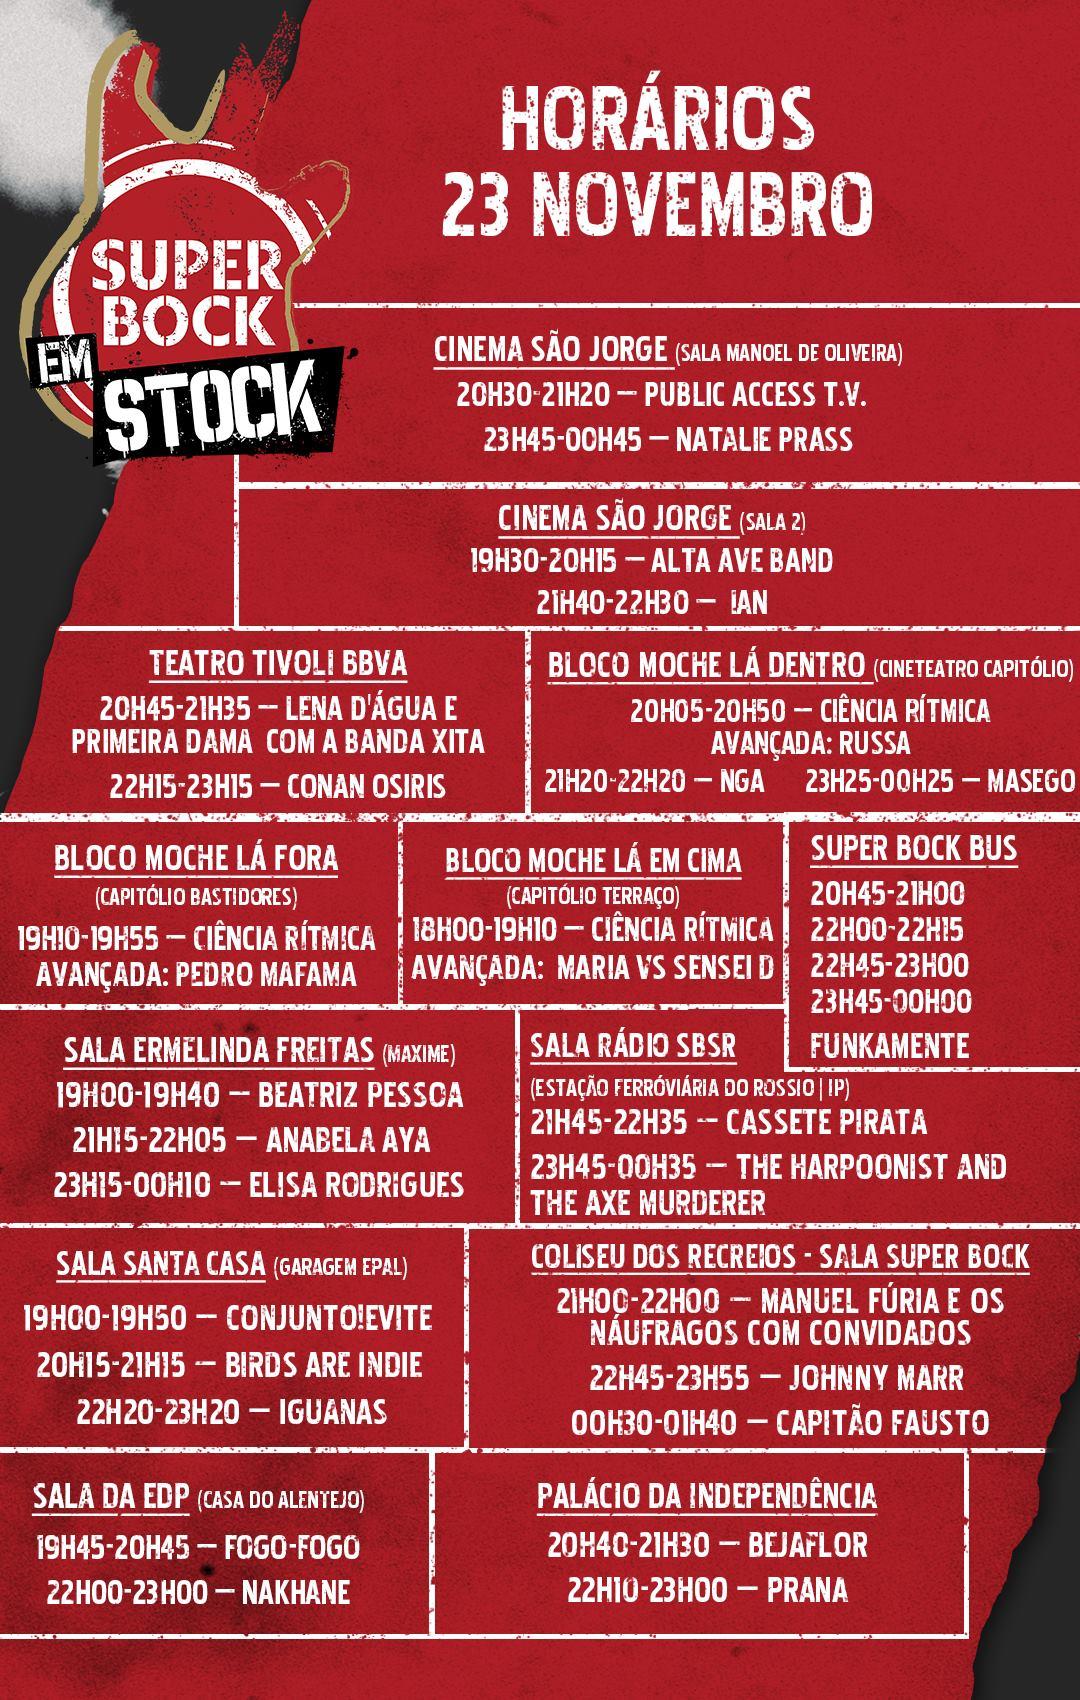 Super Bock em Stock, Super Bock em Stock 2018, Deus Me Livro